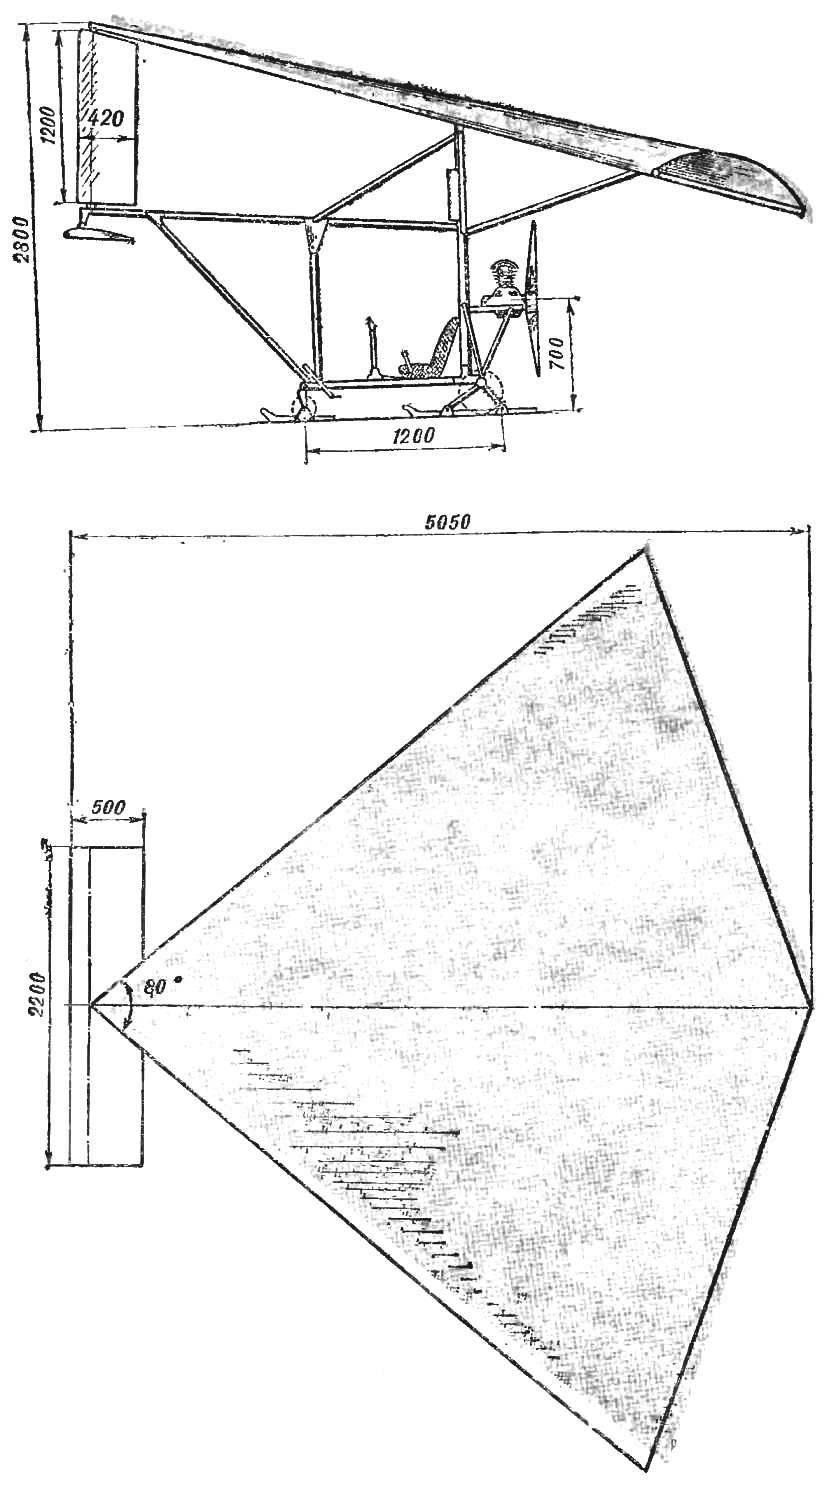 Рис. 1. Схема мотодельтаплана